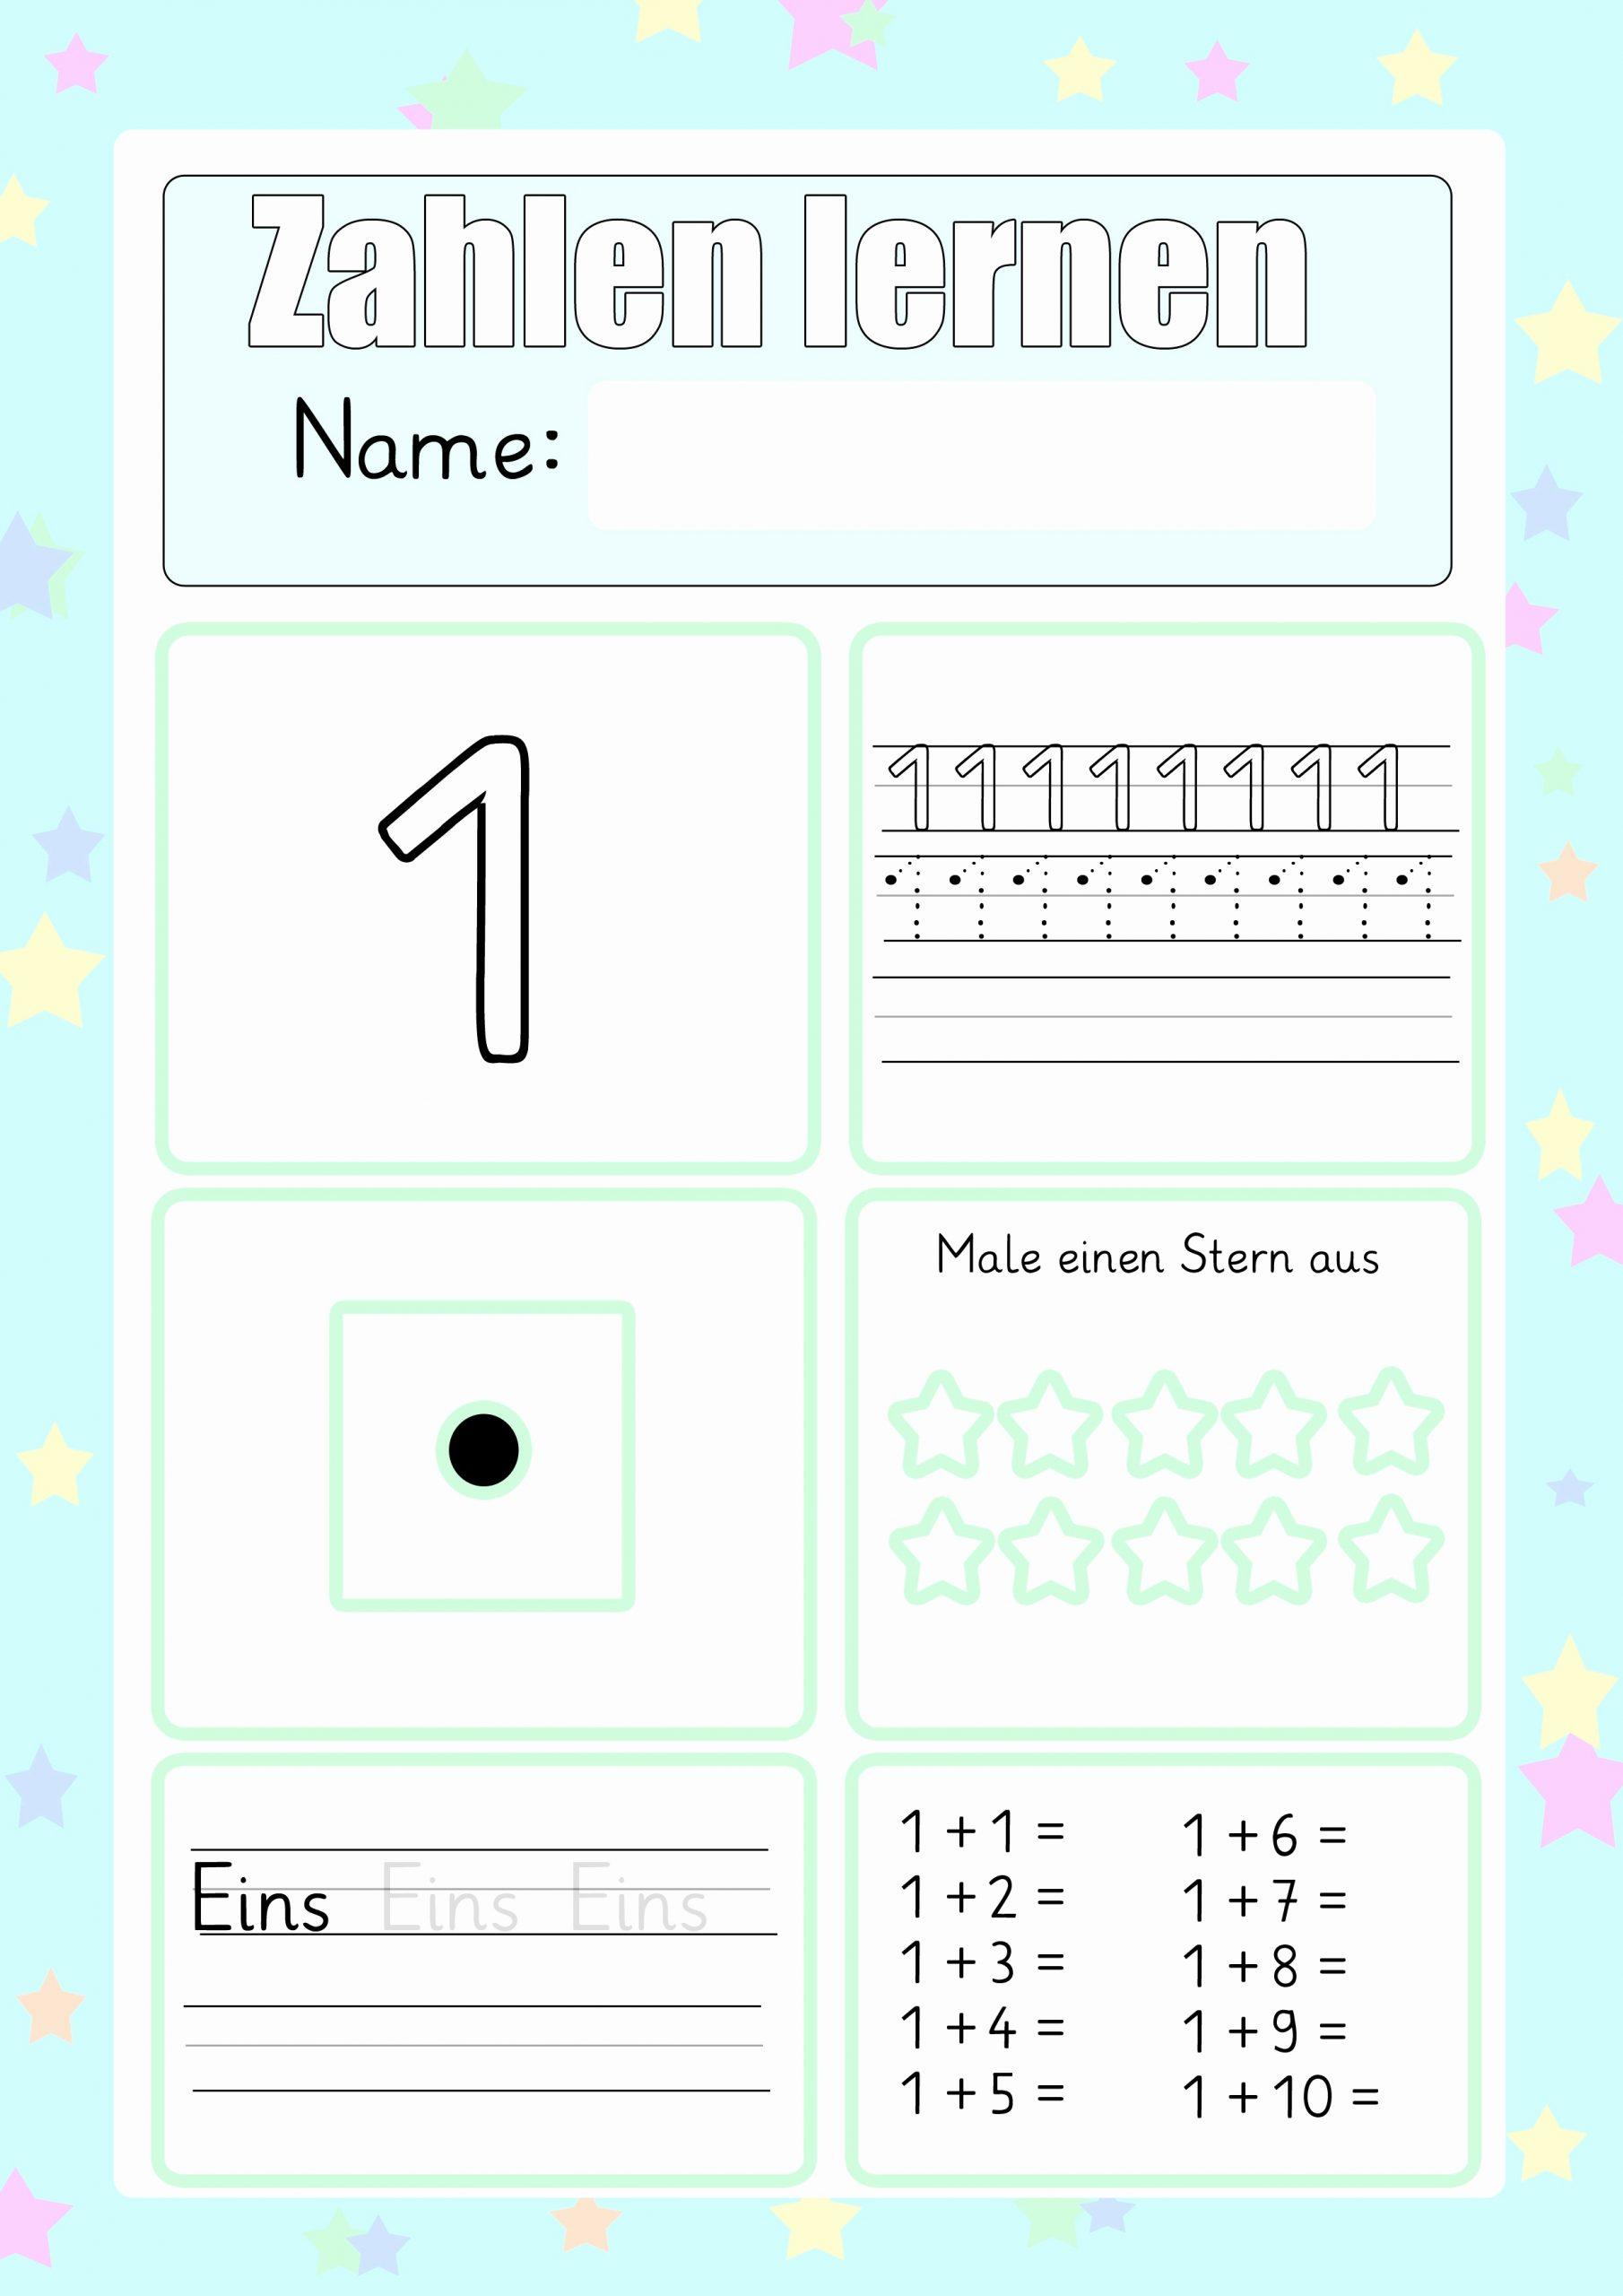 Buchstaben Schreiben Lernen Zum Ausdrucken Elegant für Buchstaben Schreiben Lernen Zum Ausdrucken